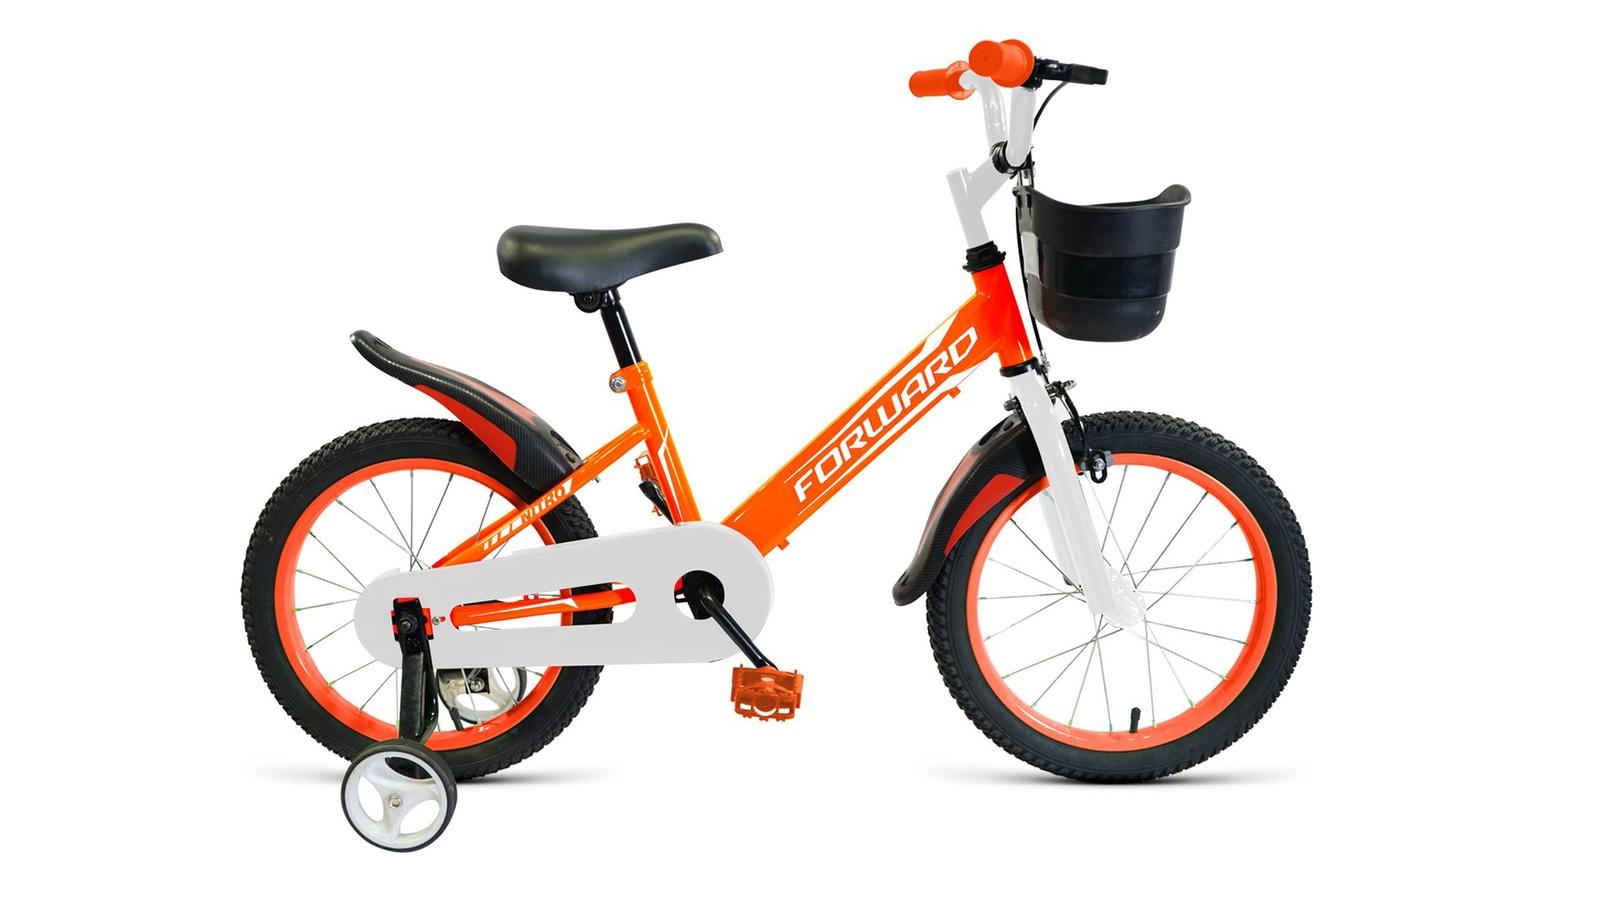 Велосипед Forward Nitro 16, оранжевый, белый велосипед forward nitro 14 2019